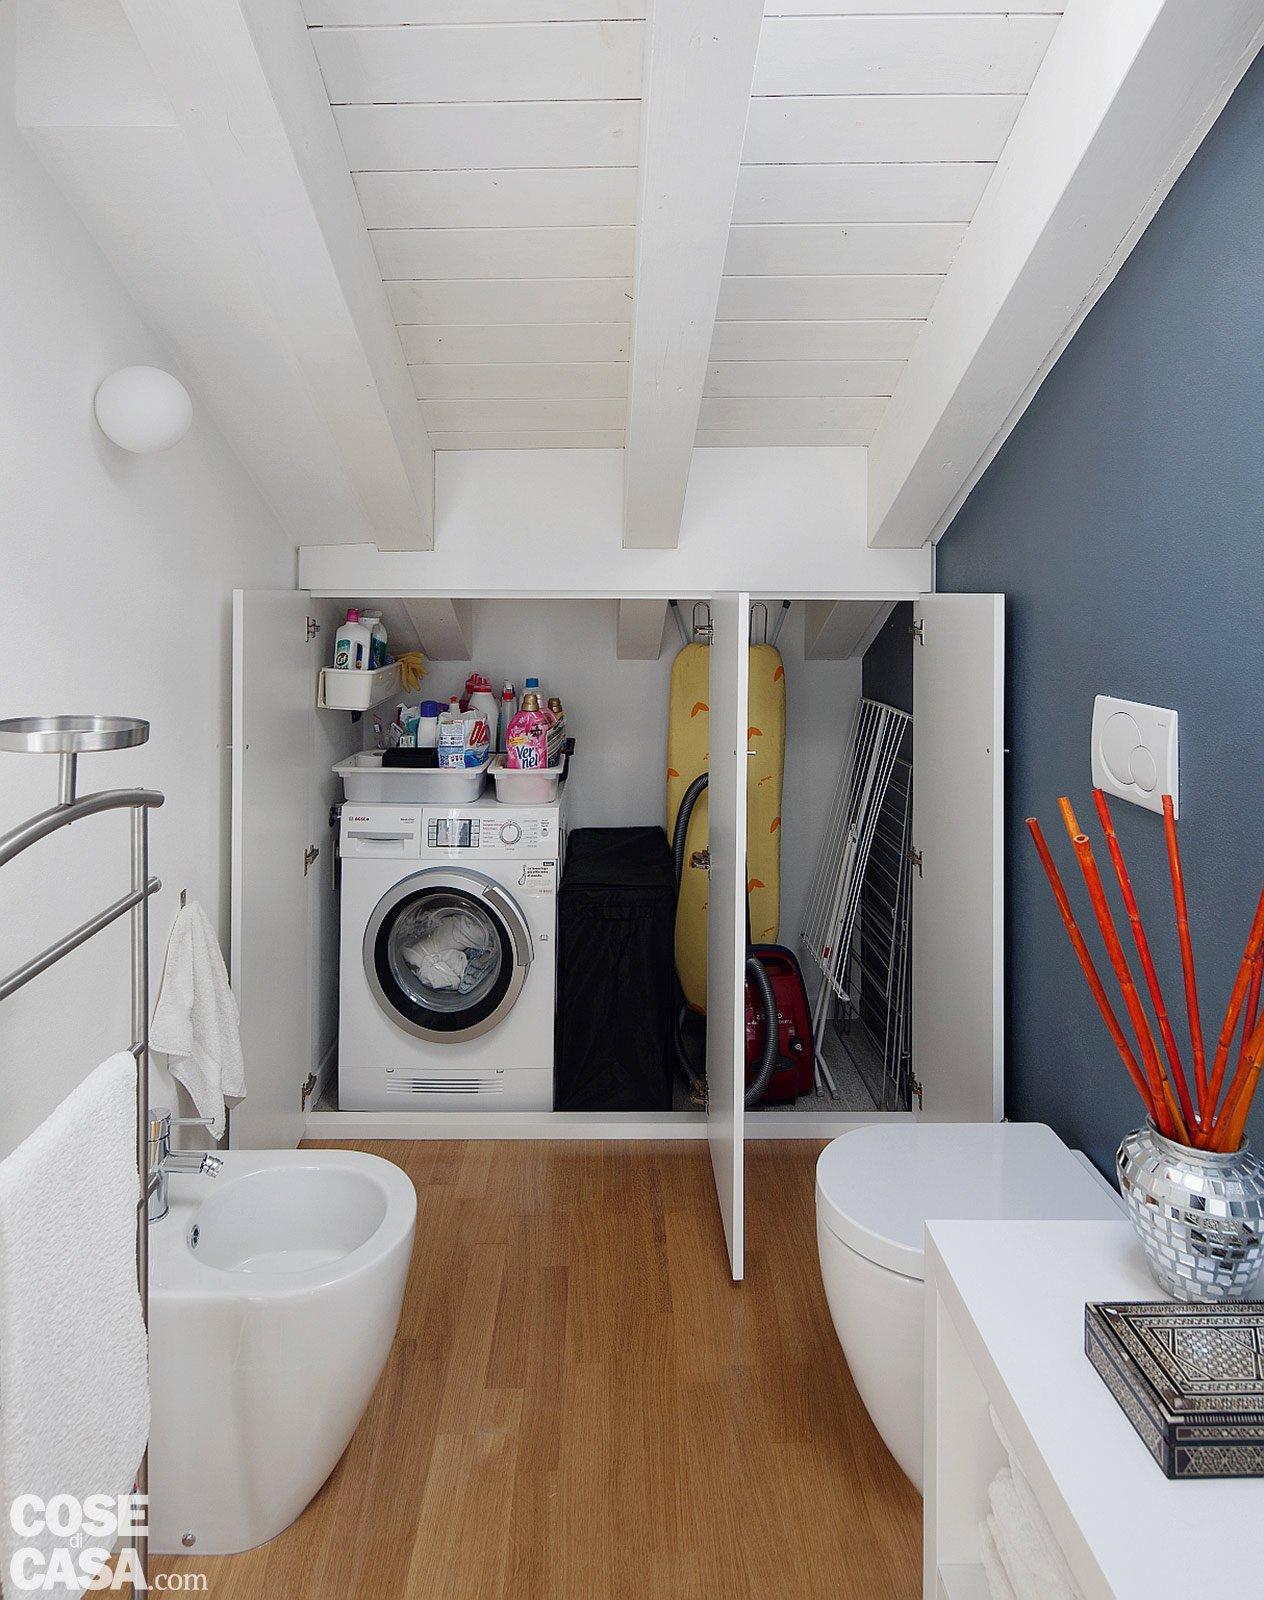 60 50 mq una casa con elementi a scomparsa cose di casa for Moderni piani casa stretta